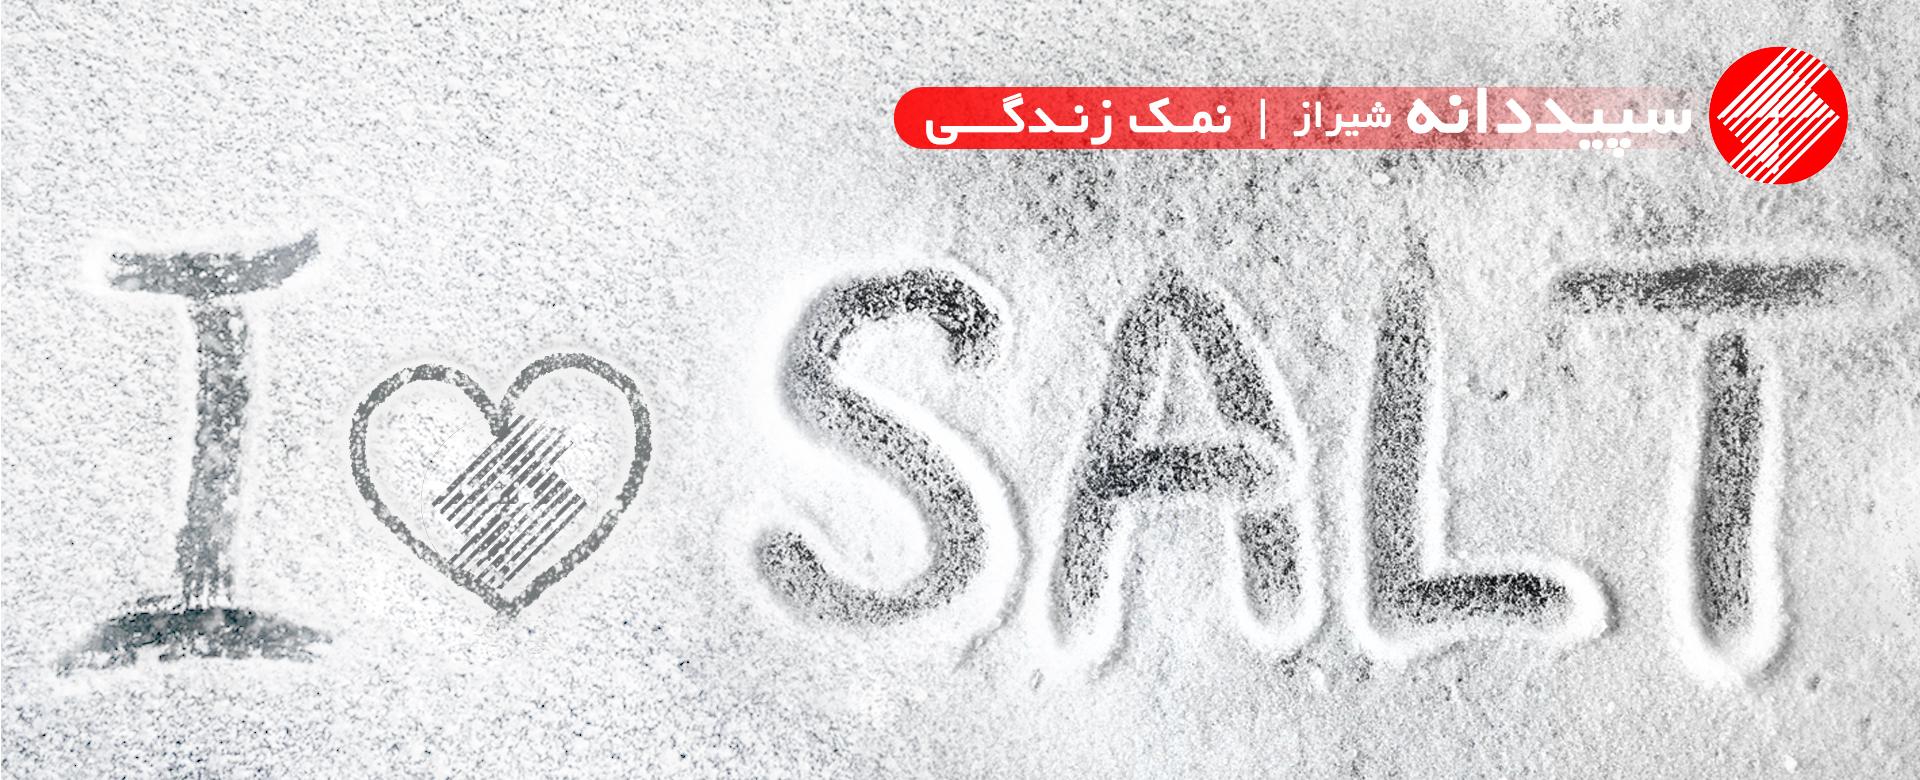 #salt #نمک